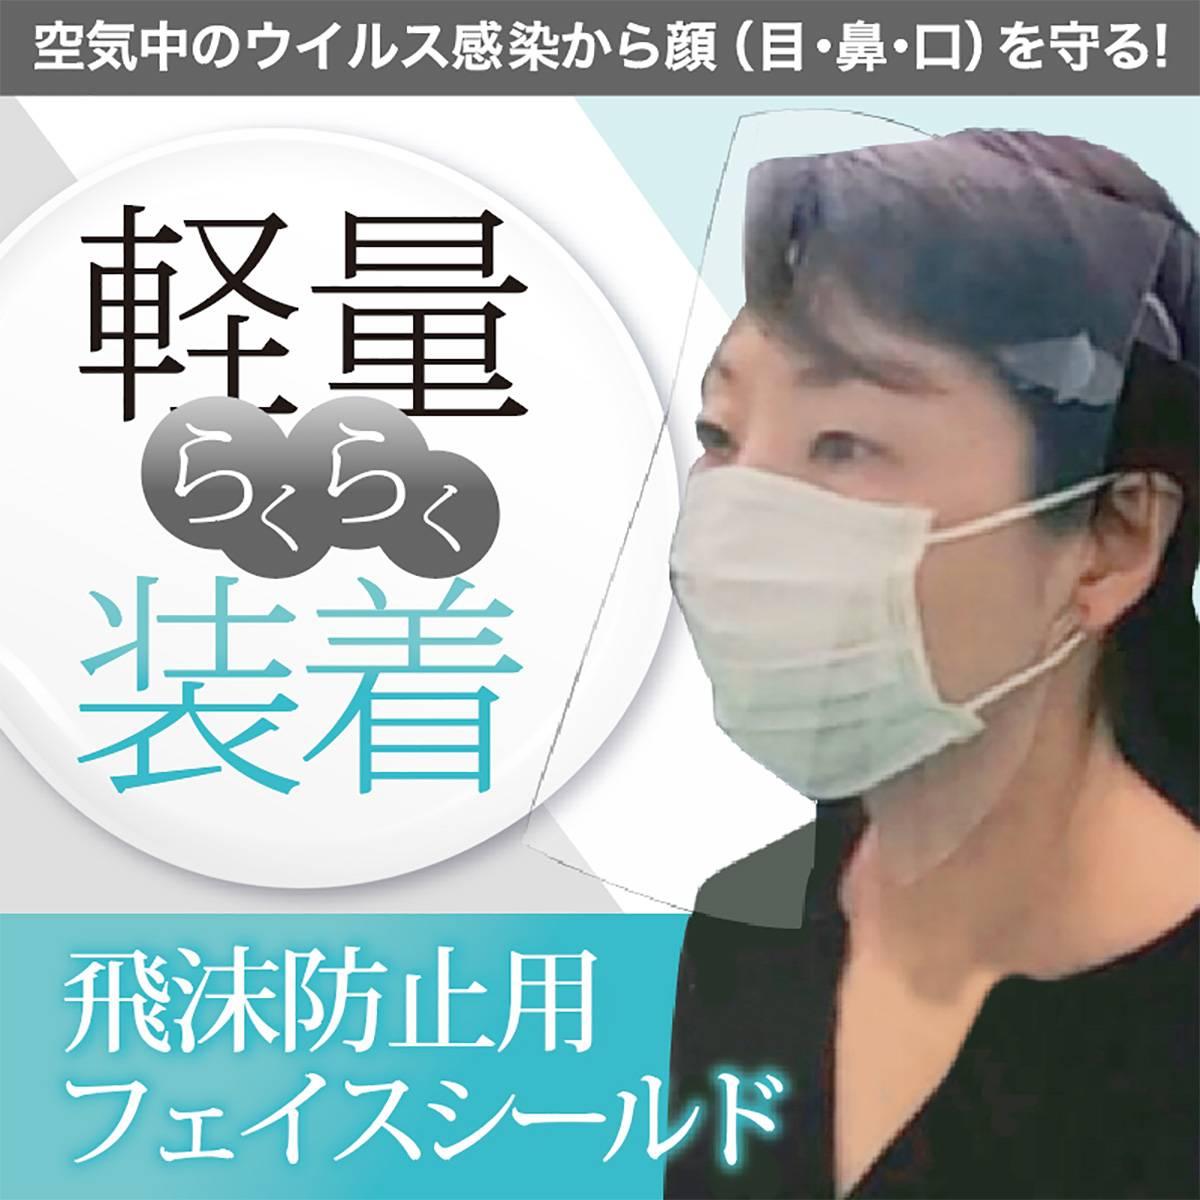 <1枚¥250>飛沫防止用フェイスシールド10個セット 美容サロン・介護施設にオススメ